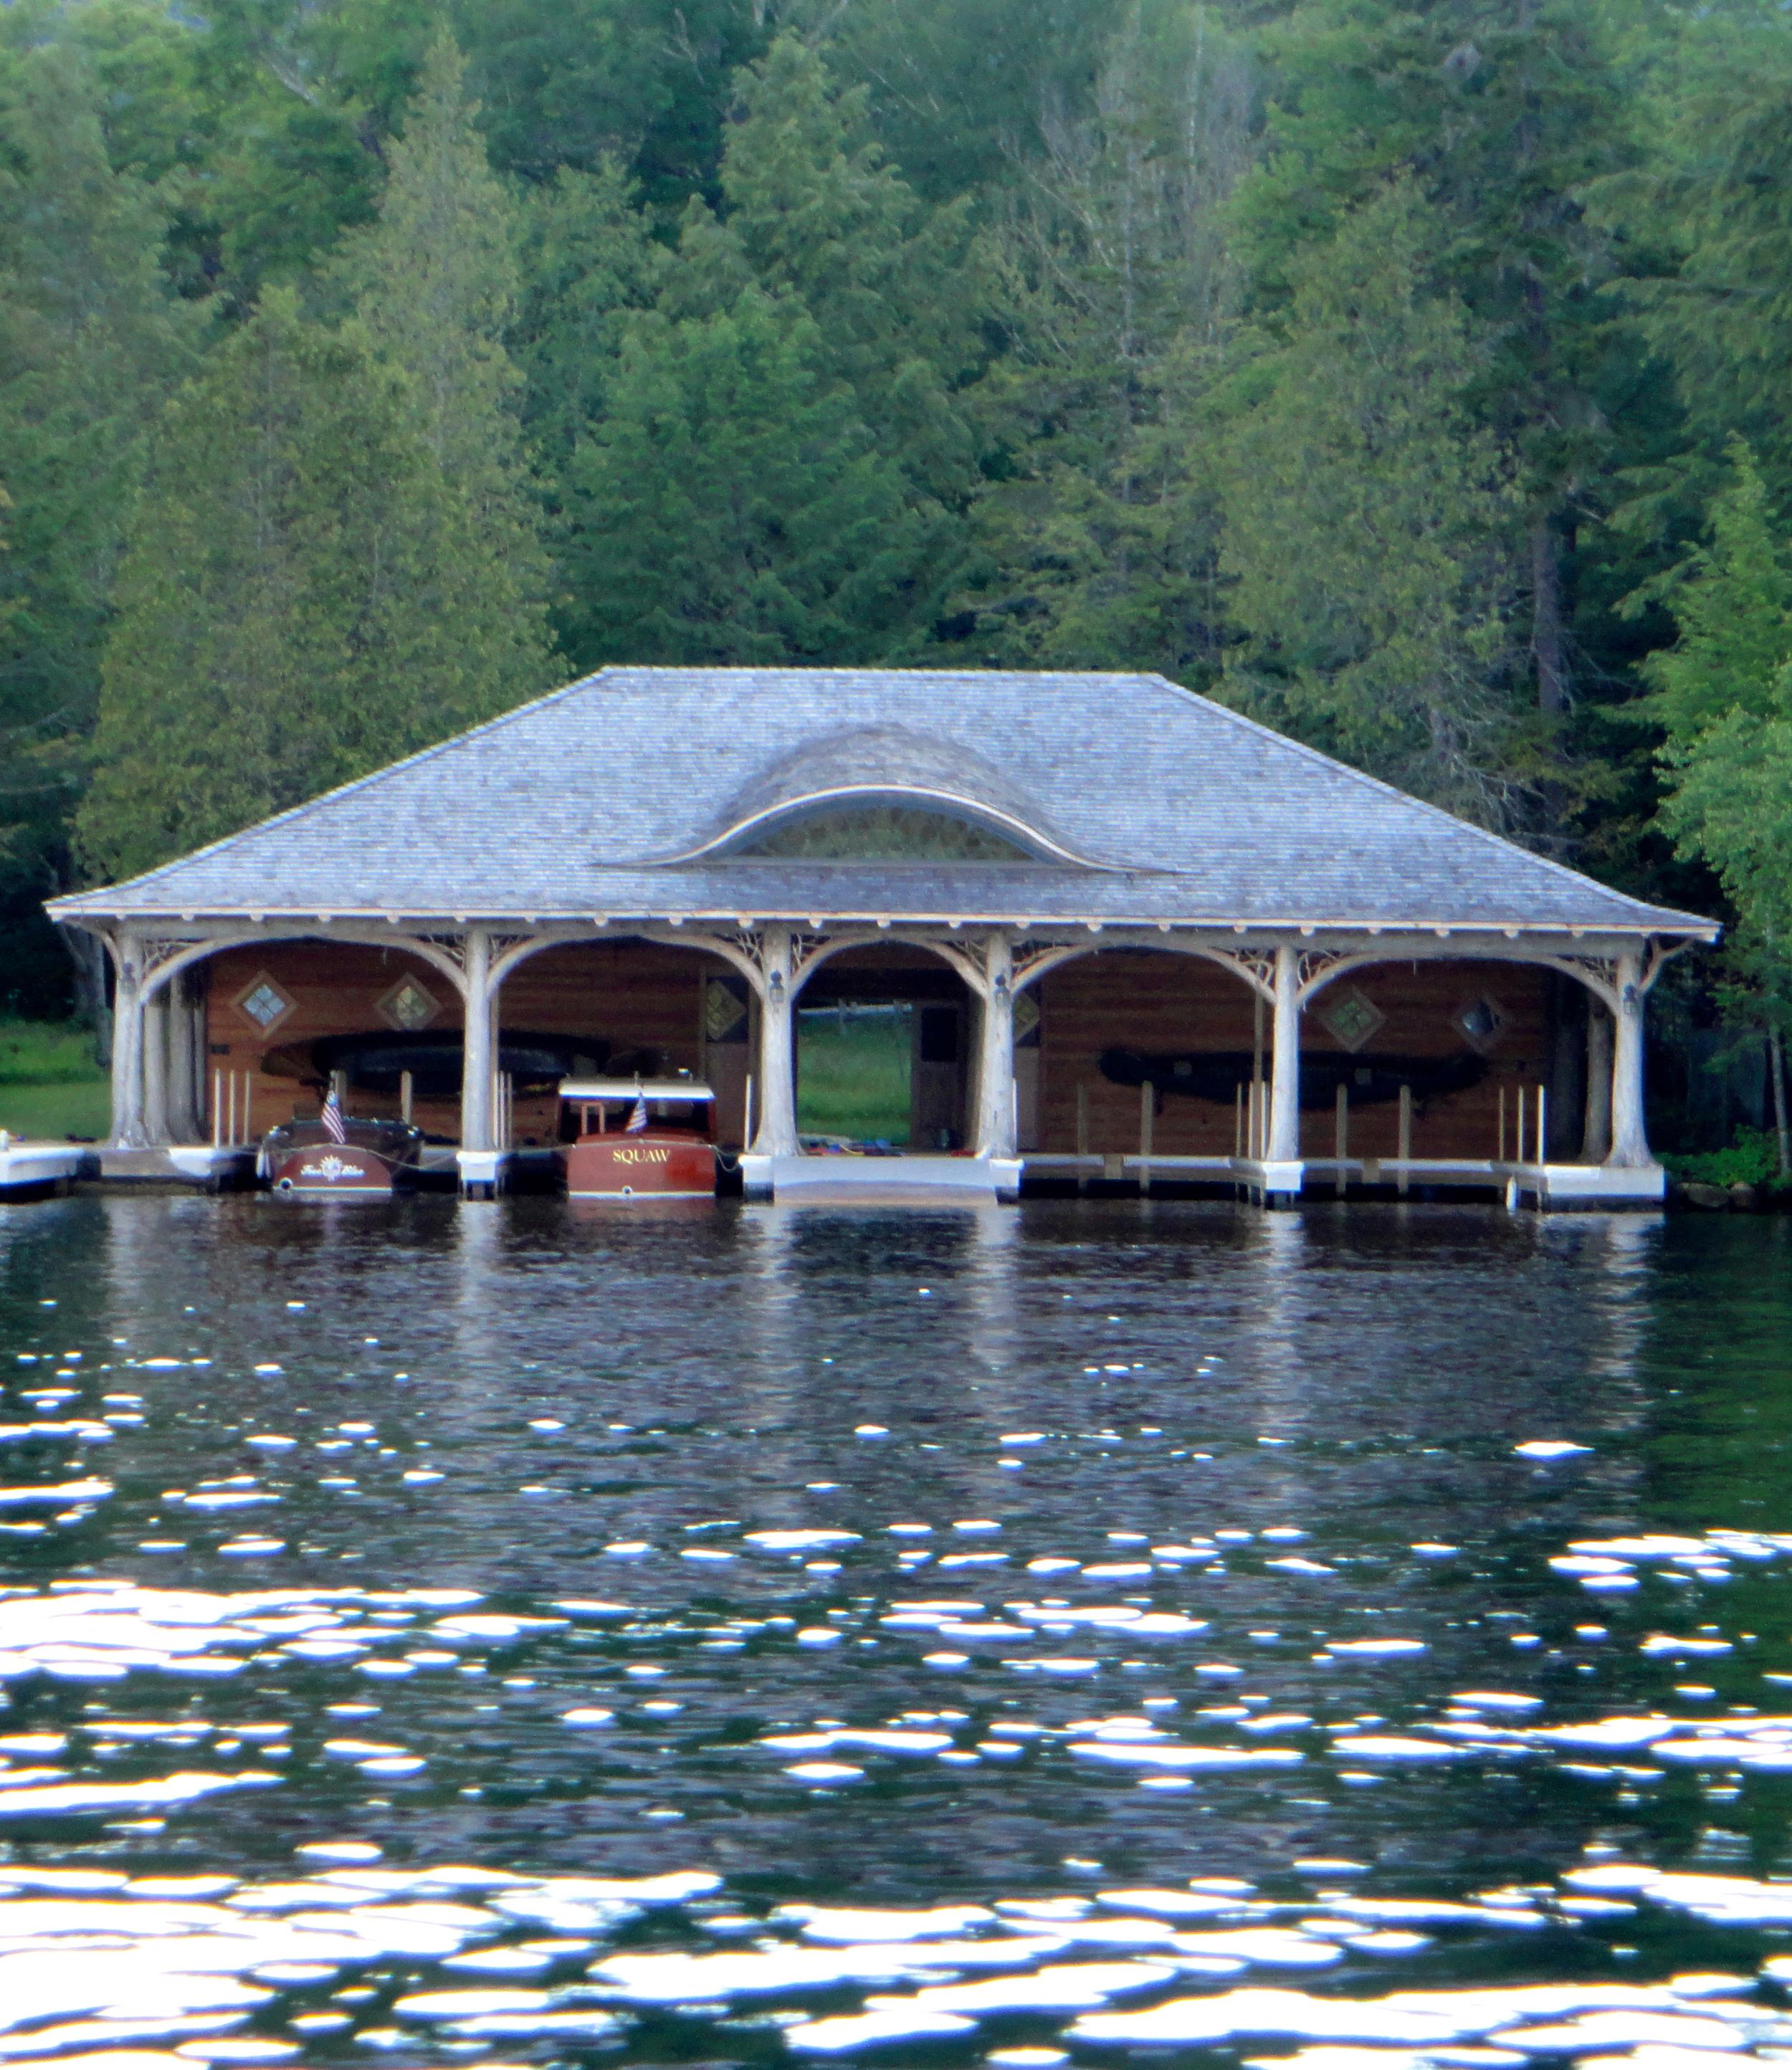 Gorgeous Adirondack boathouse on Placid Lake